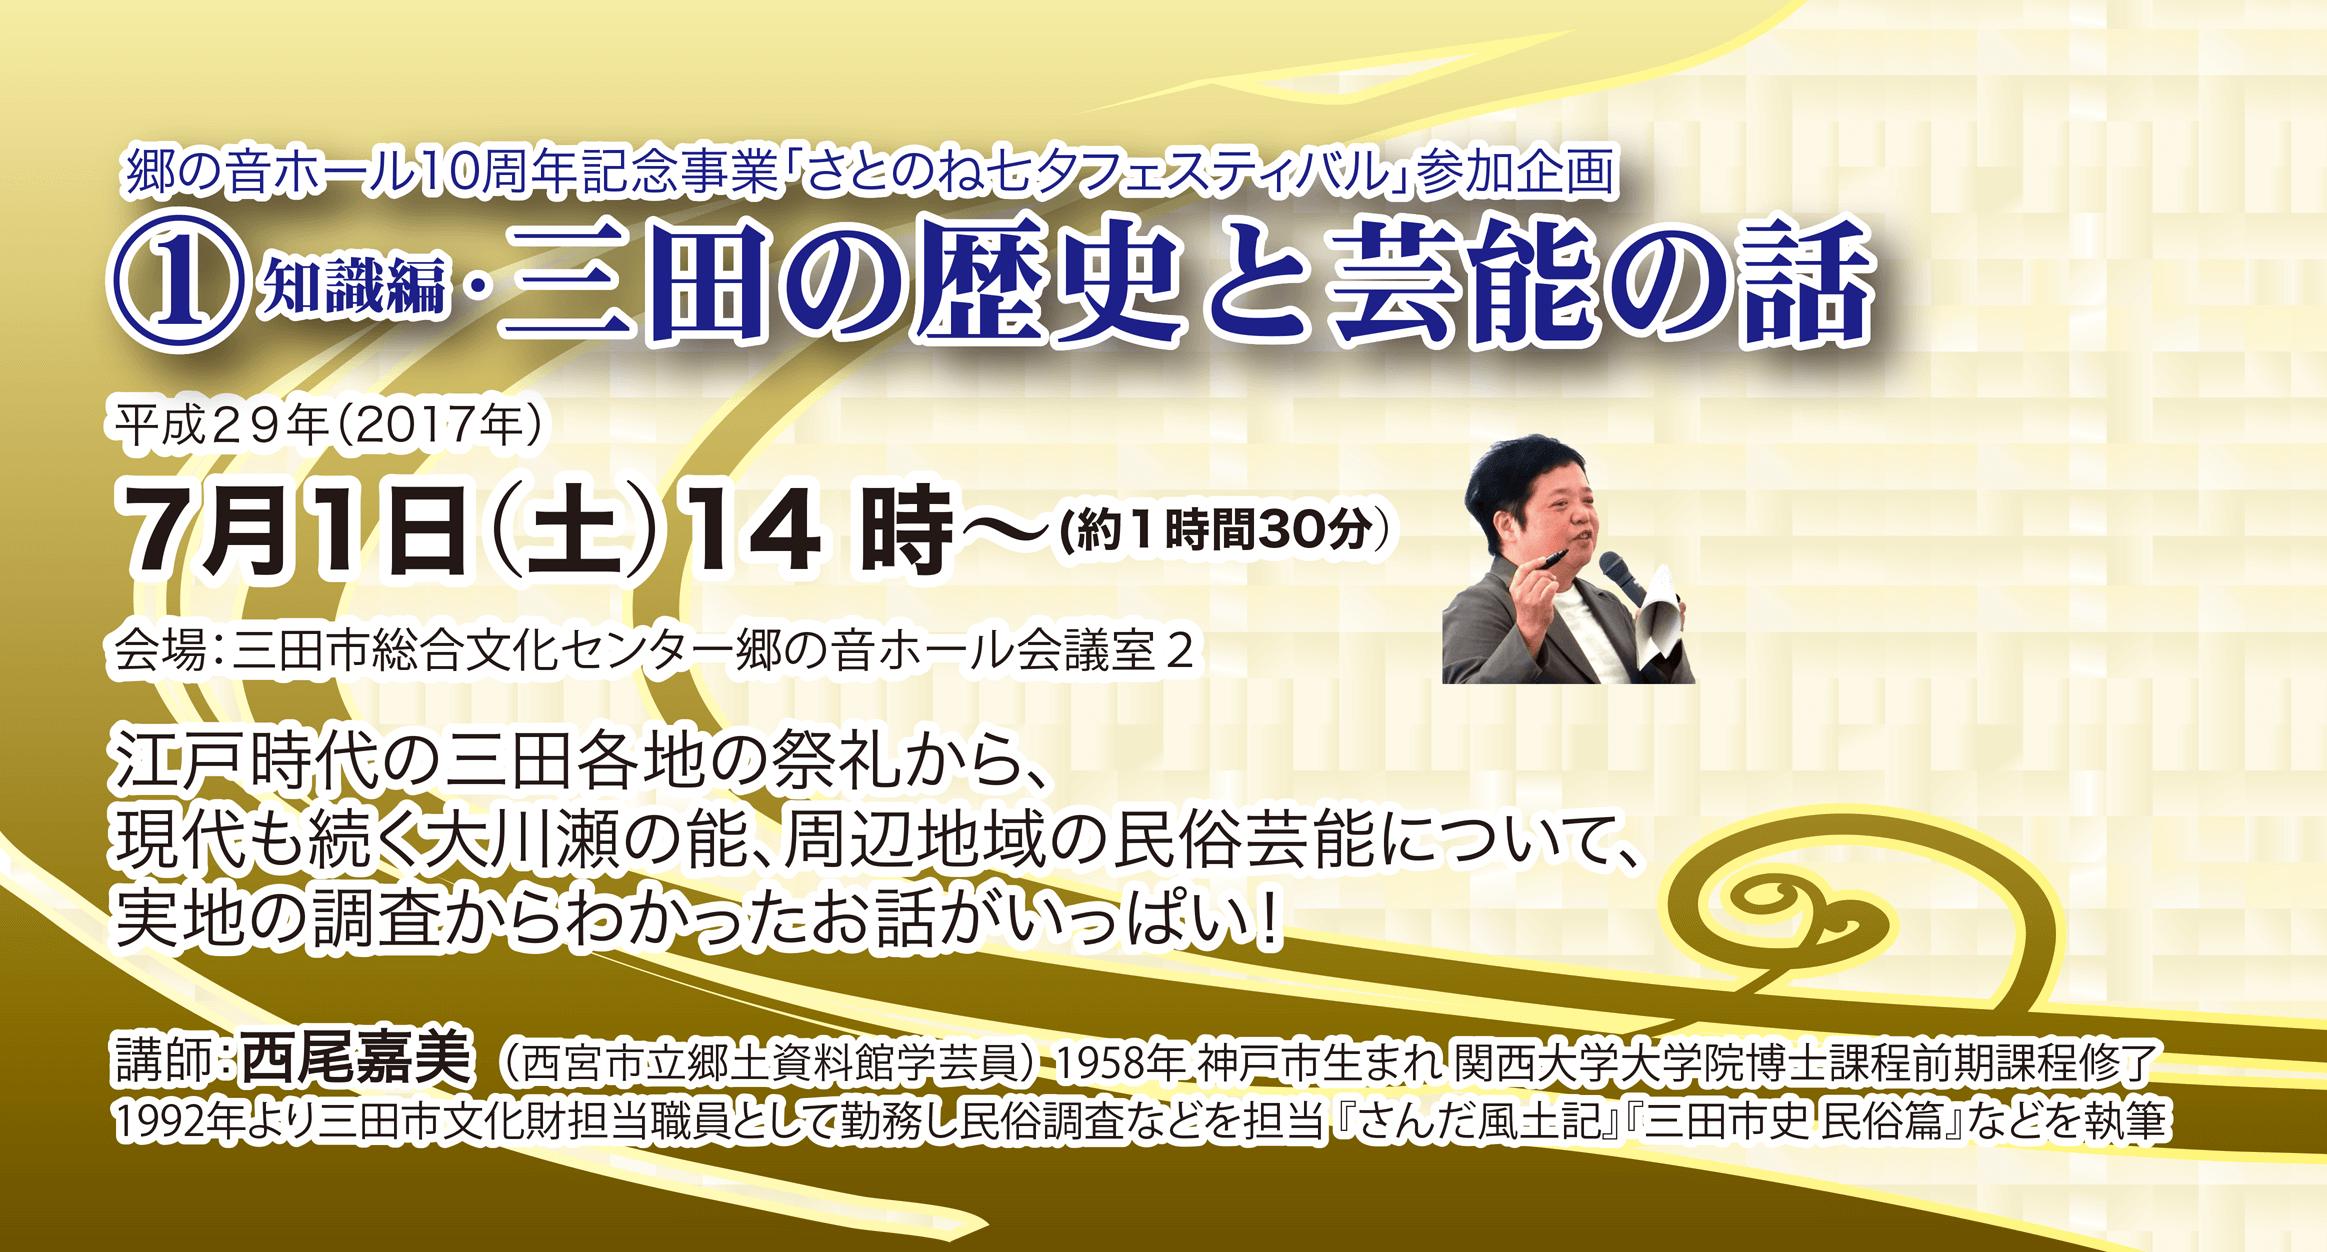 西尾嘉美 さんだゆかりの能・狂言を知る 三田の歴史と芸能の話